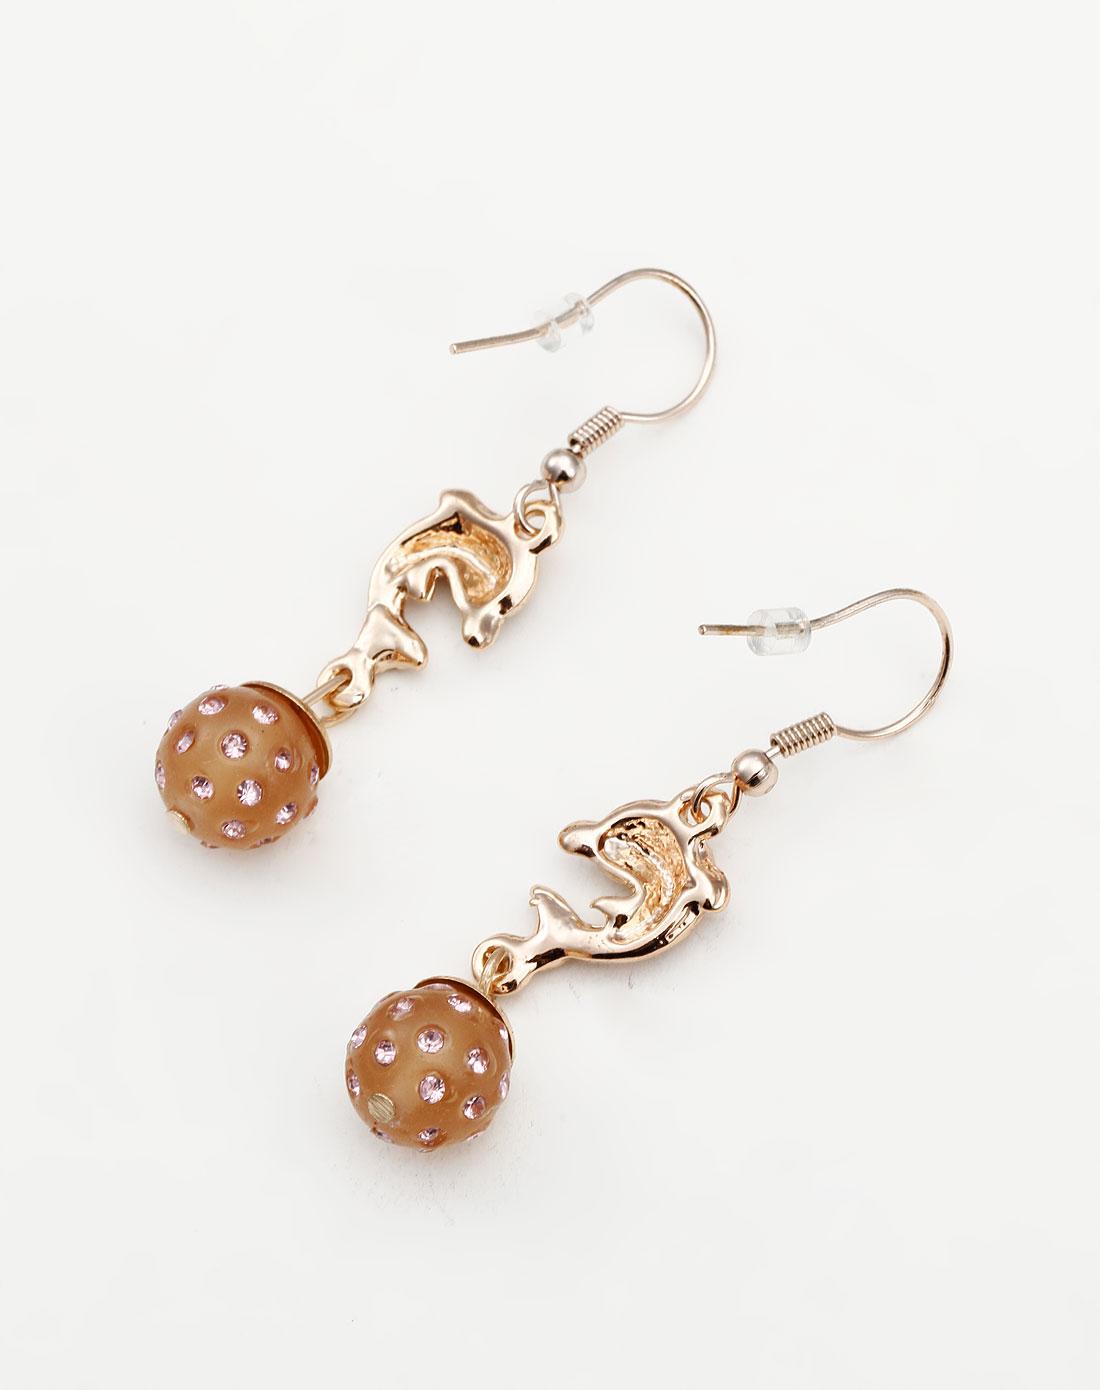 金/浅粉色可爱小海豚耳环